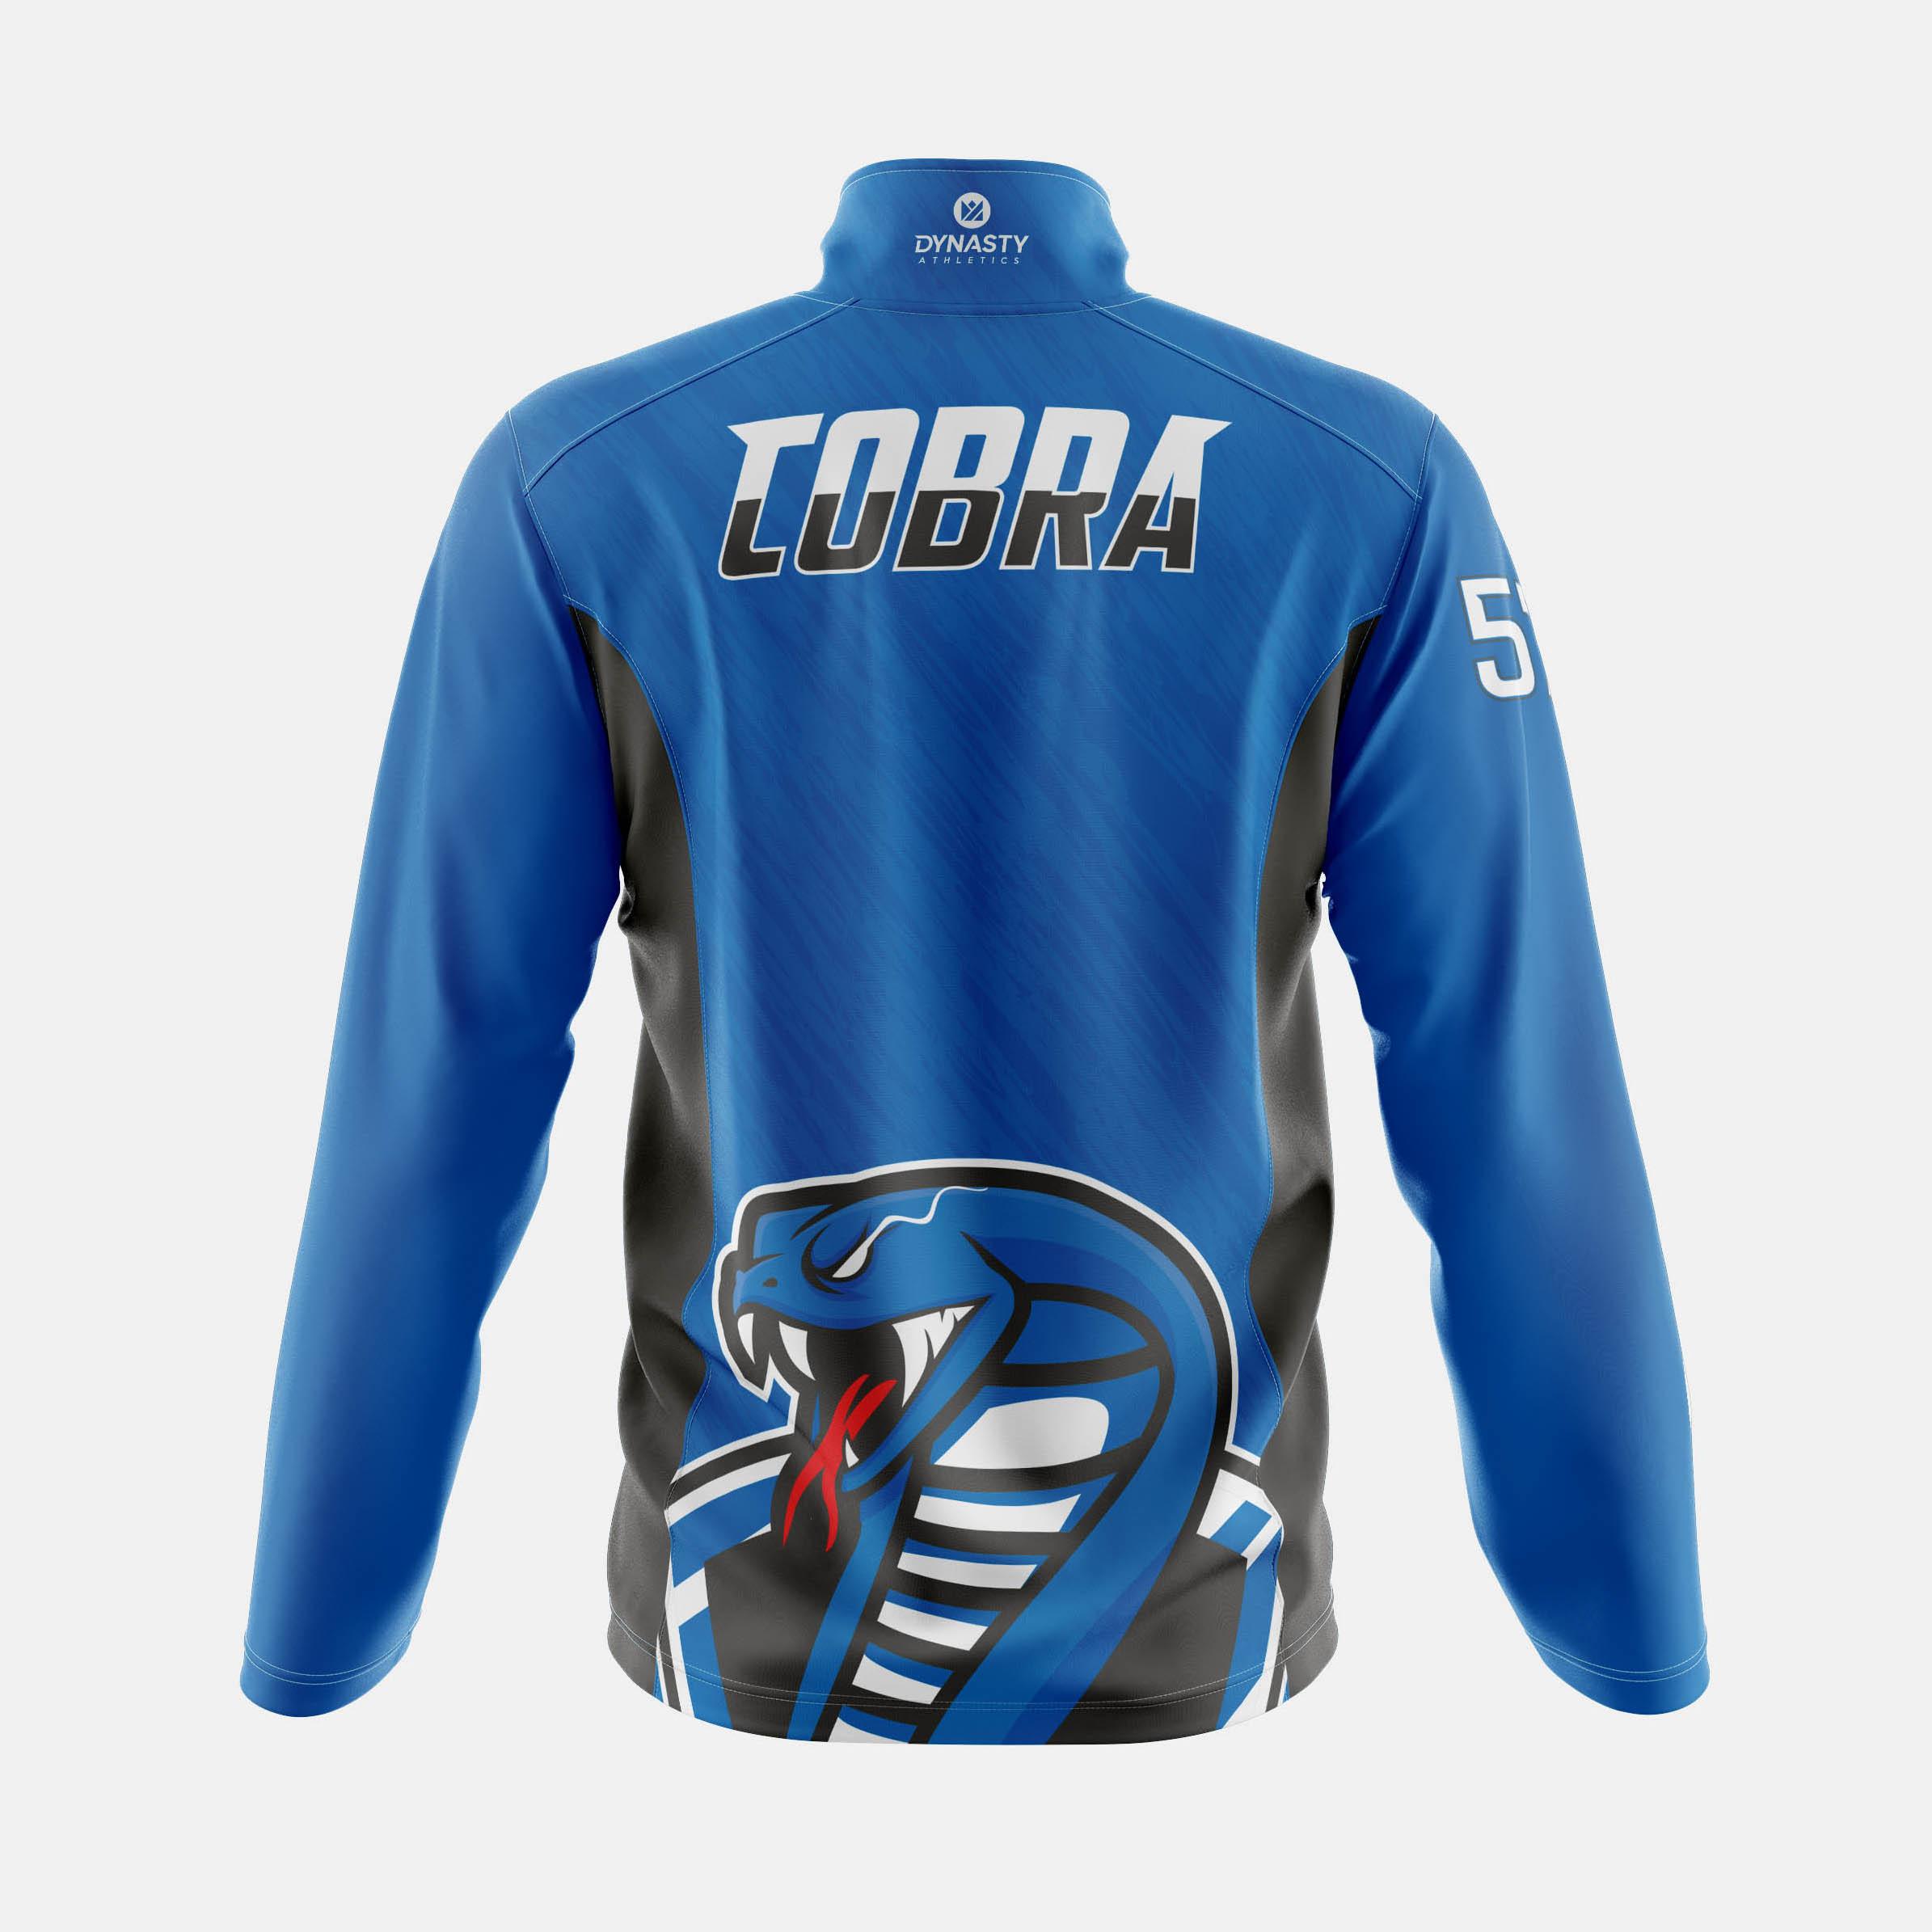 Cobra Qtr Zip Tack Jacket Back View